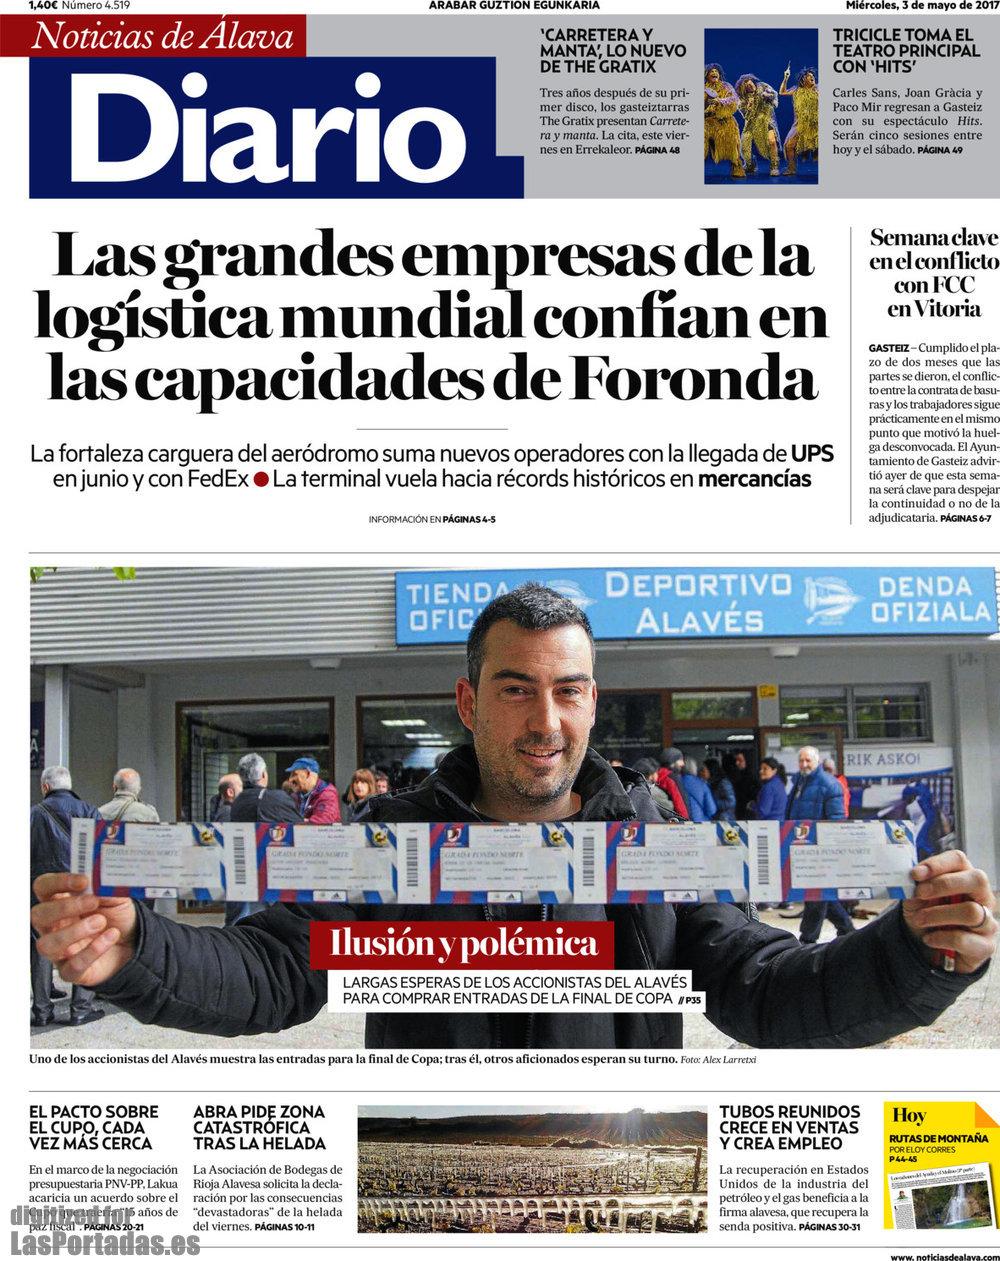 Periodico diario de noticias de lava 3 5 2017 for Ultimas noticias del espectaculo de hoy